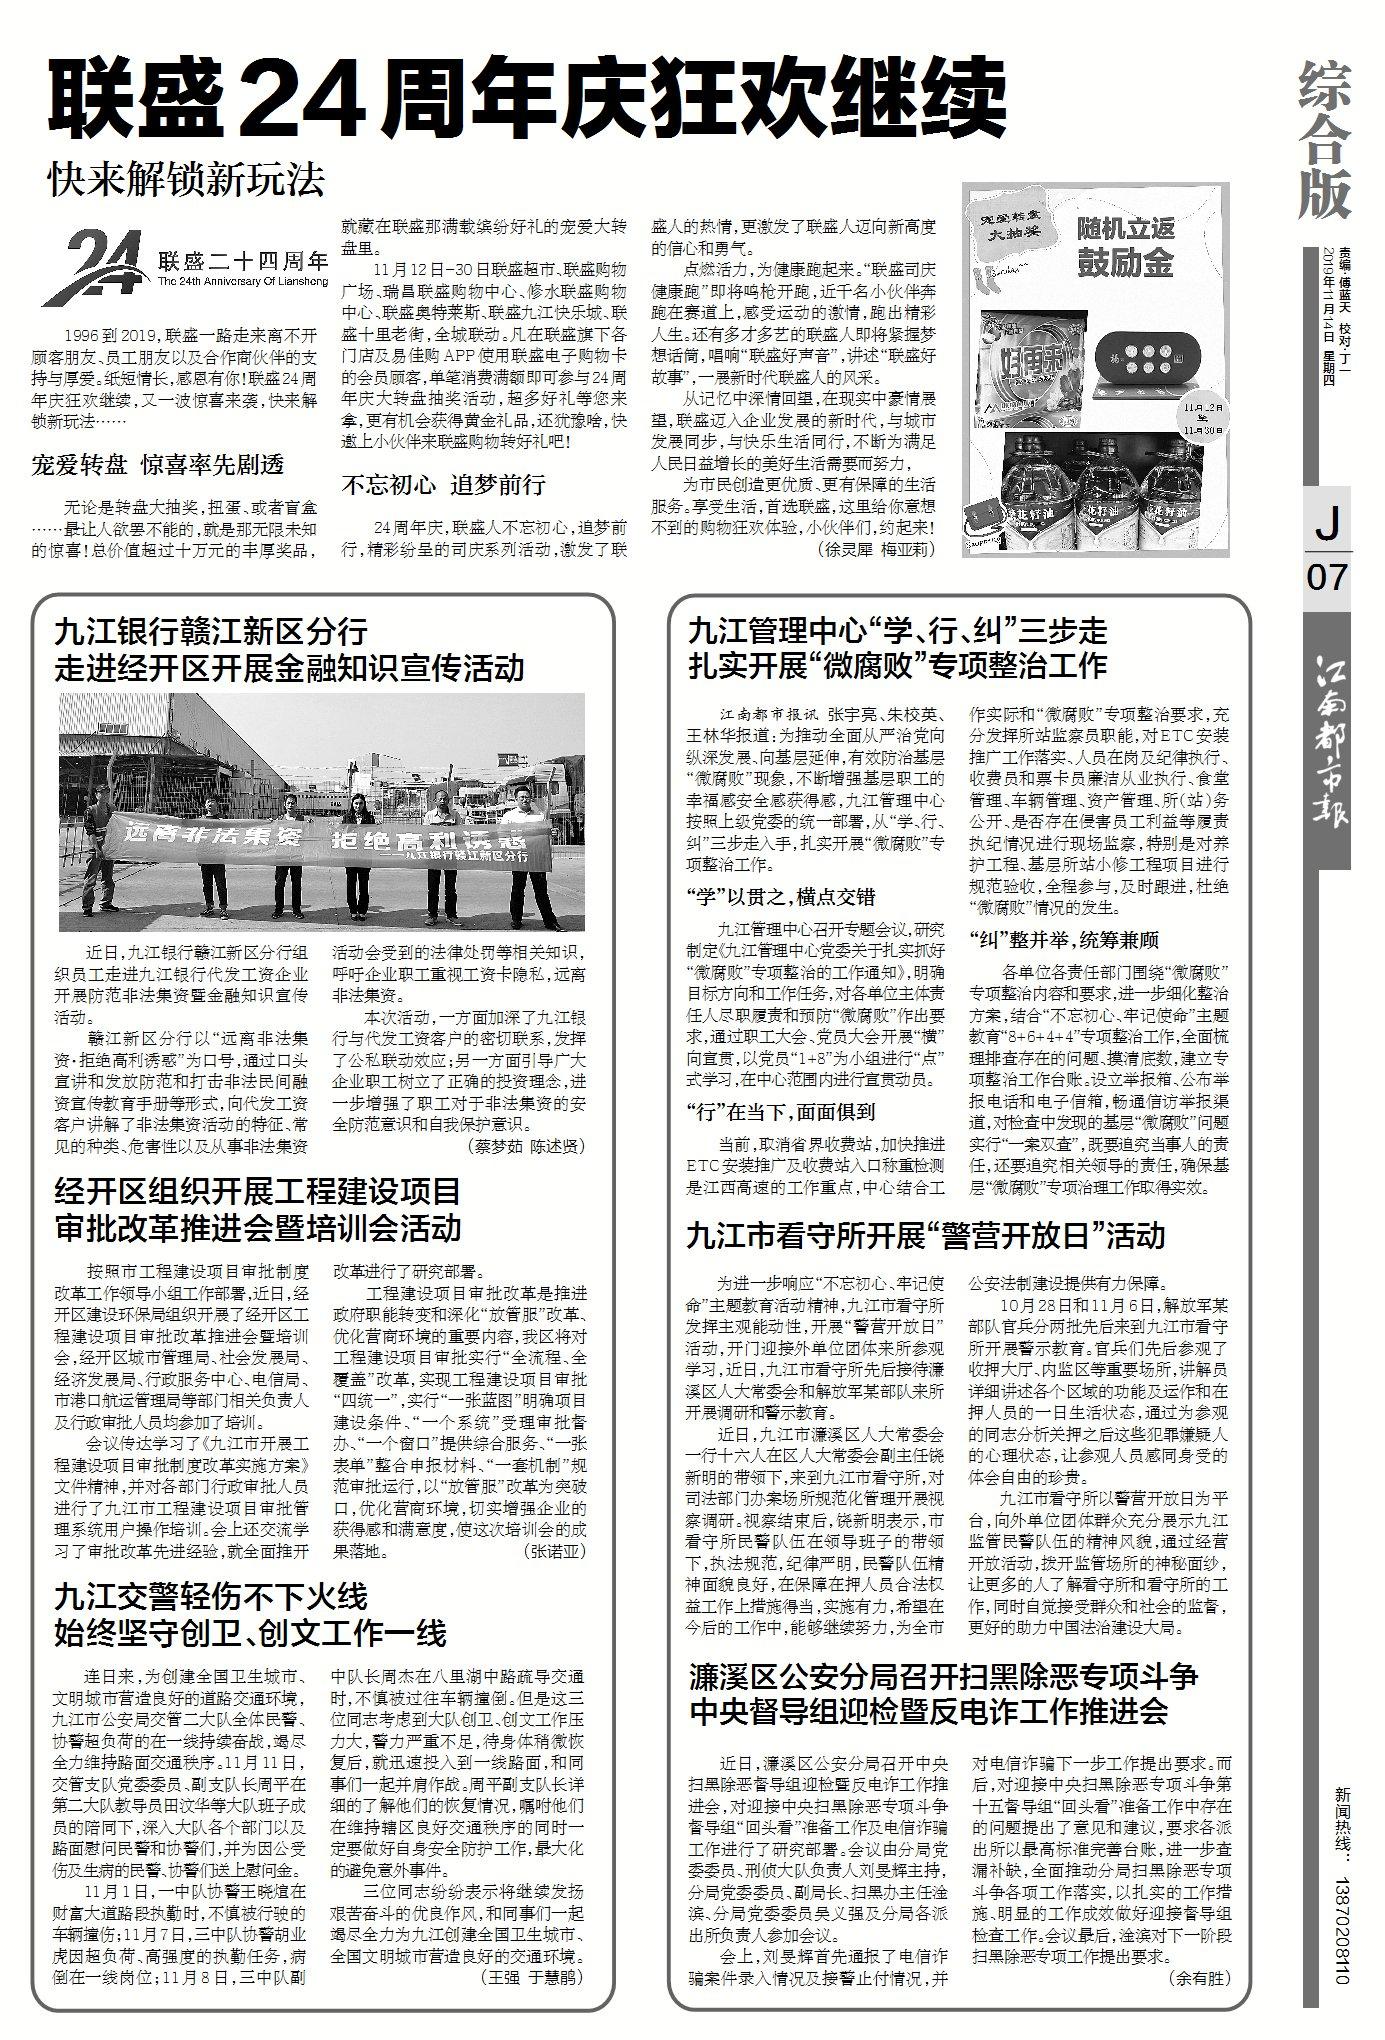 2019年11月14日江南都市报《亚博体育app苹果新闻》7版